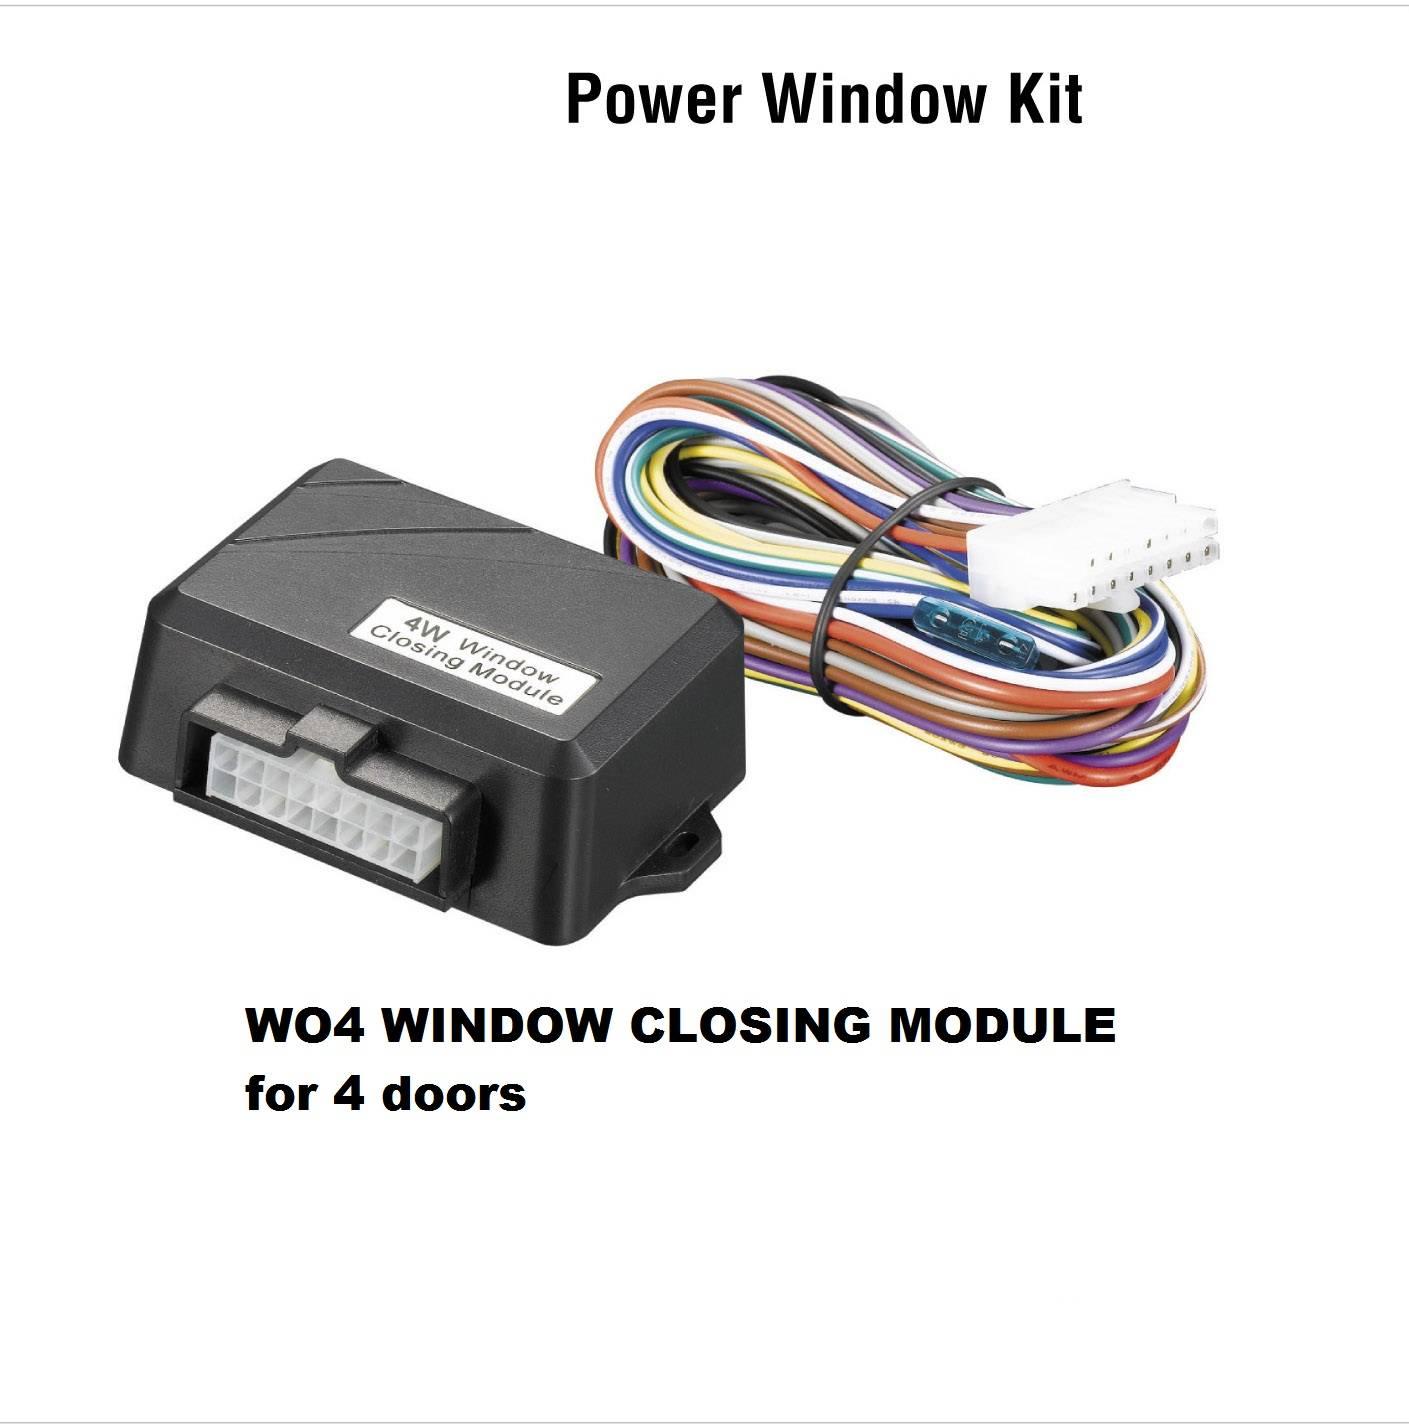 Window closing module for 4 doors